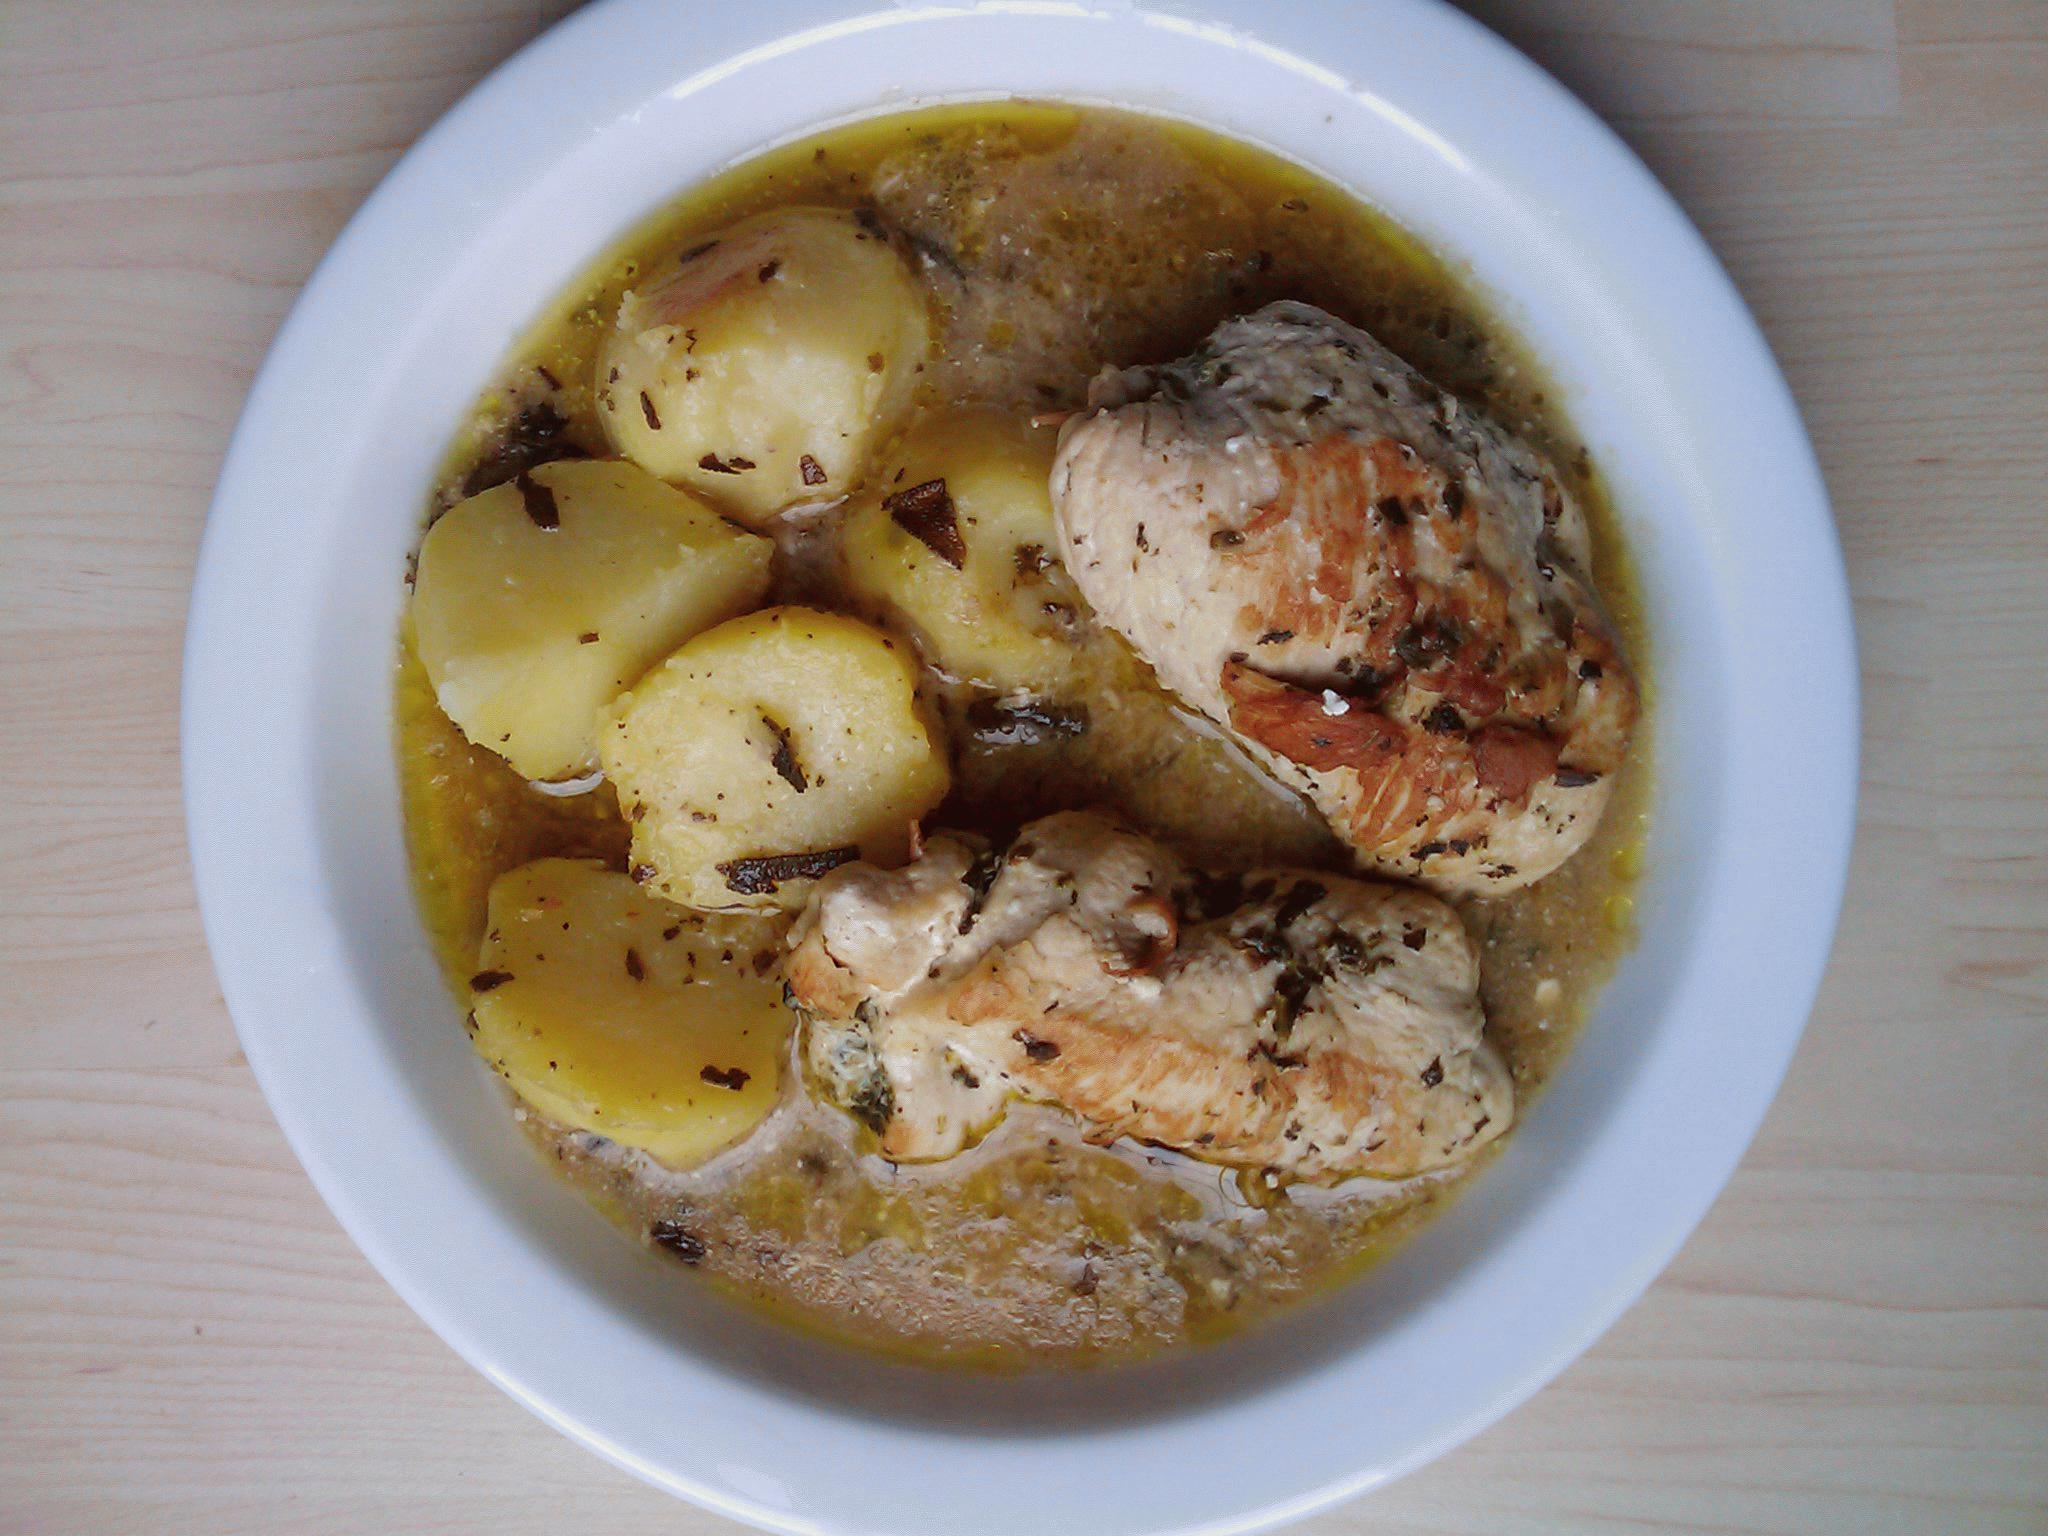 http://foodloader.net/Timber_2010-03-29_Haehnchen_kaesezeug.jpg